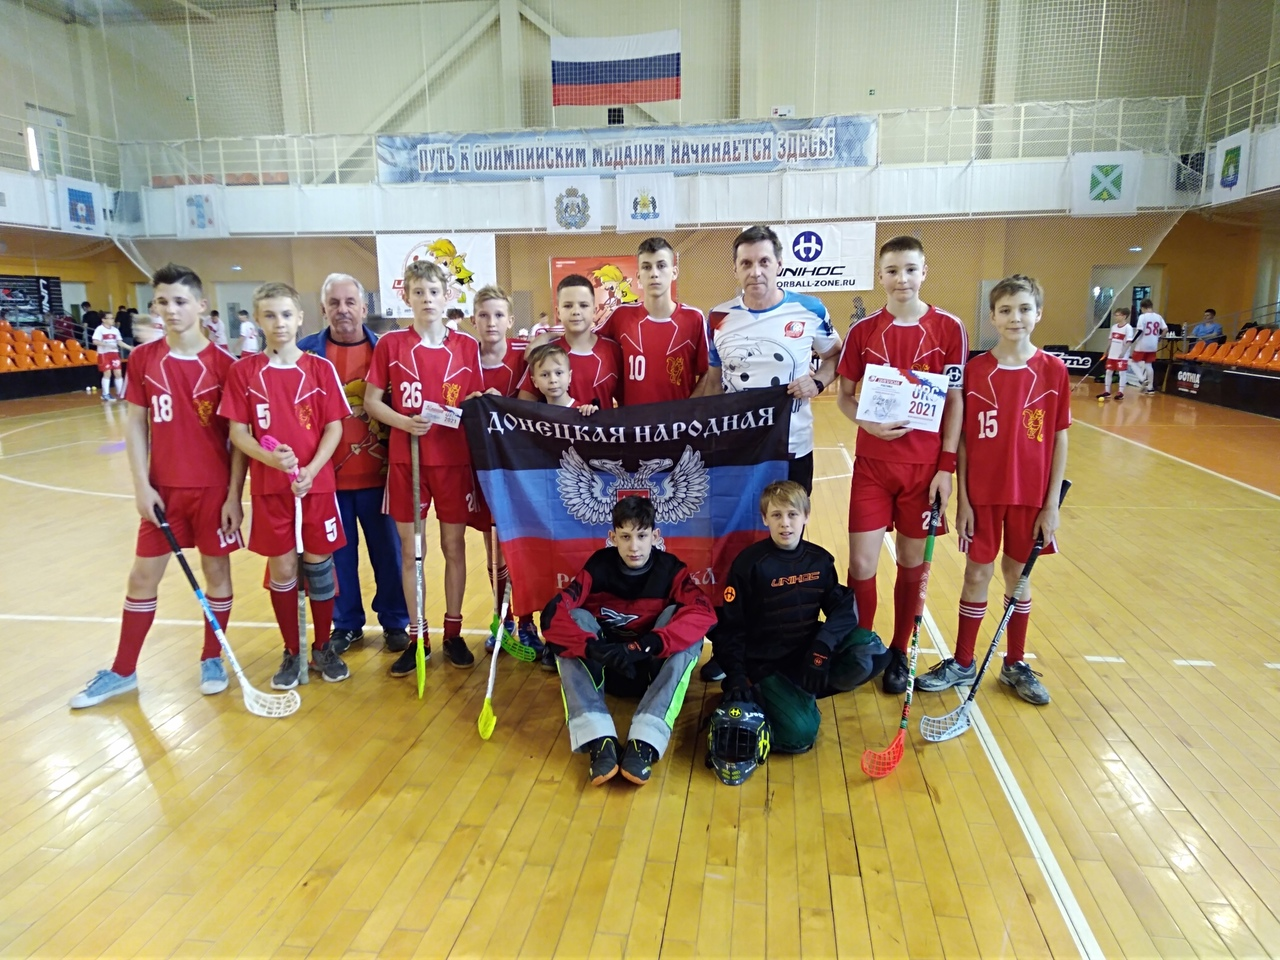 Донецкие флорболисты приняли участие в международном турнире